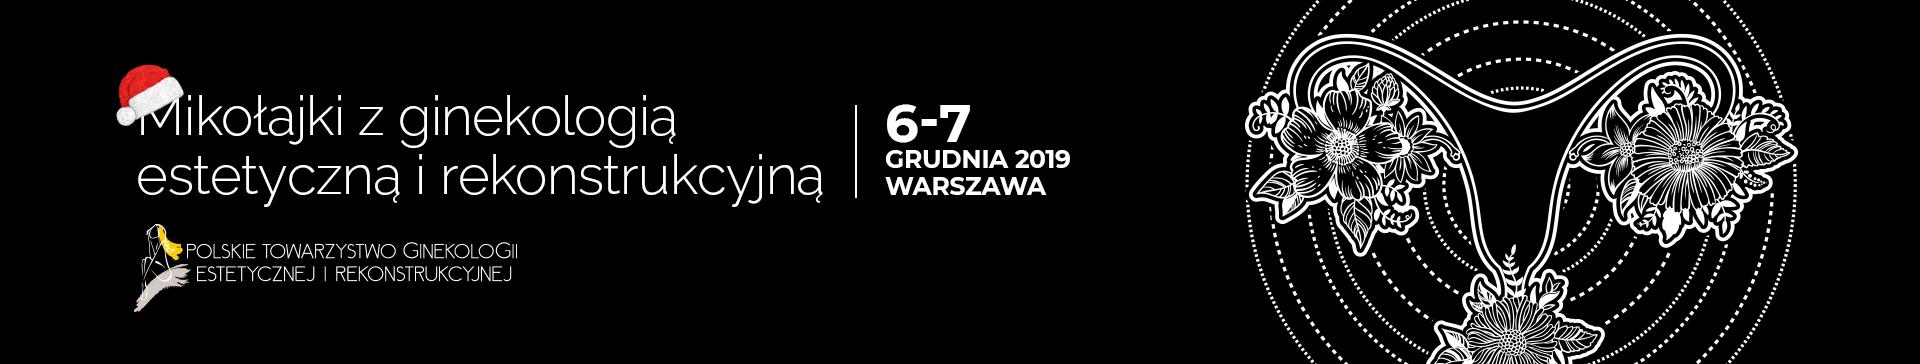 6-7.12.2019 Mikołajki z ginekologią estetyczną i rekonstrukcyjną